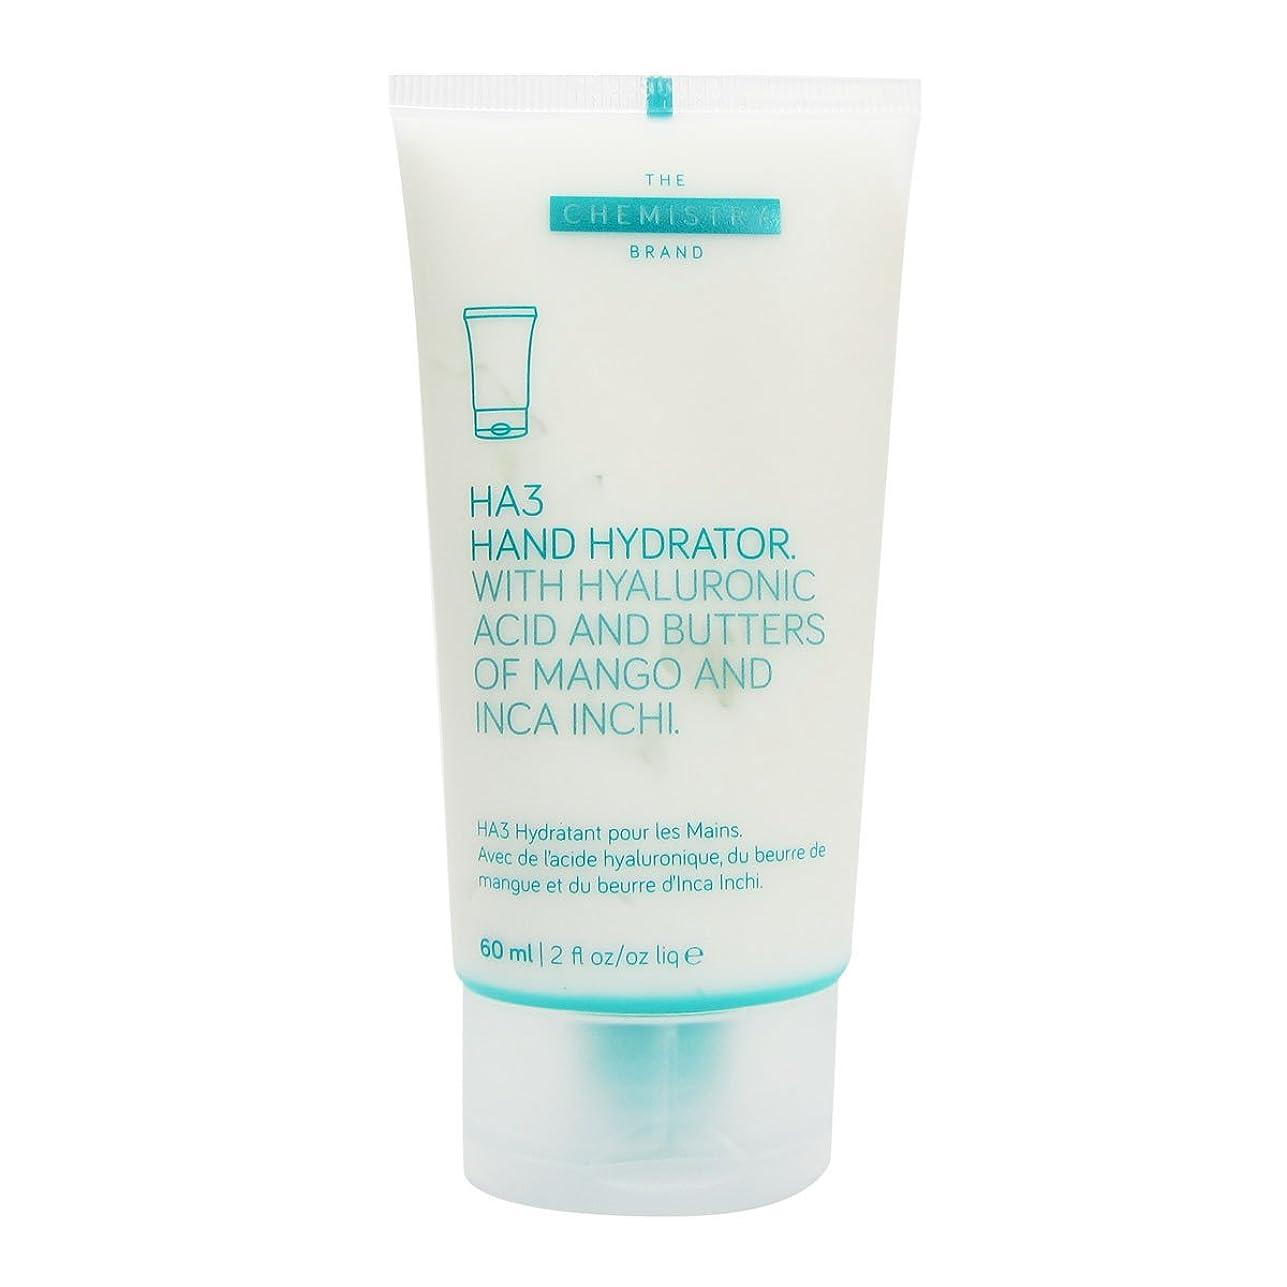 かき混ぜる浮浪者鎮痛剤The Chemistry Brand Ha3 Hand Hydrator 60ml [並行輸入品]